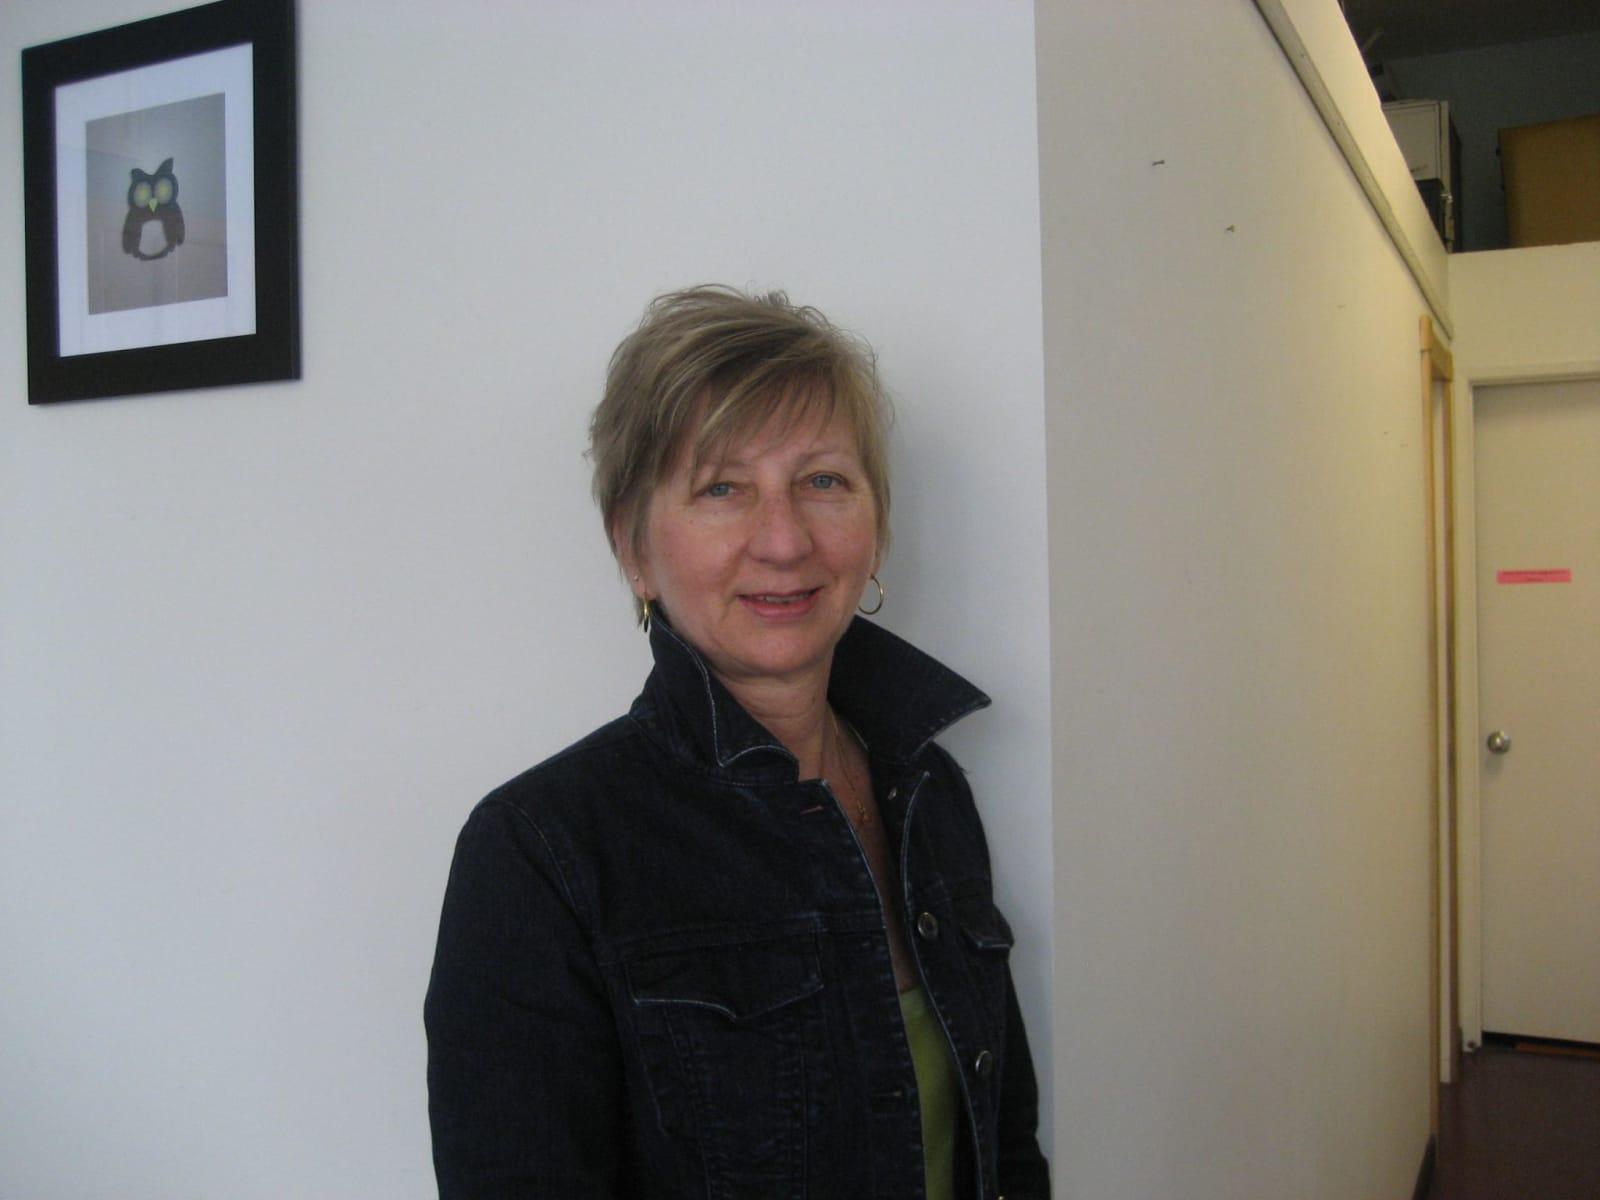 Phyllis from Seattle, Washington, United States